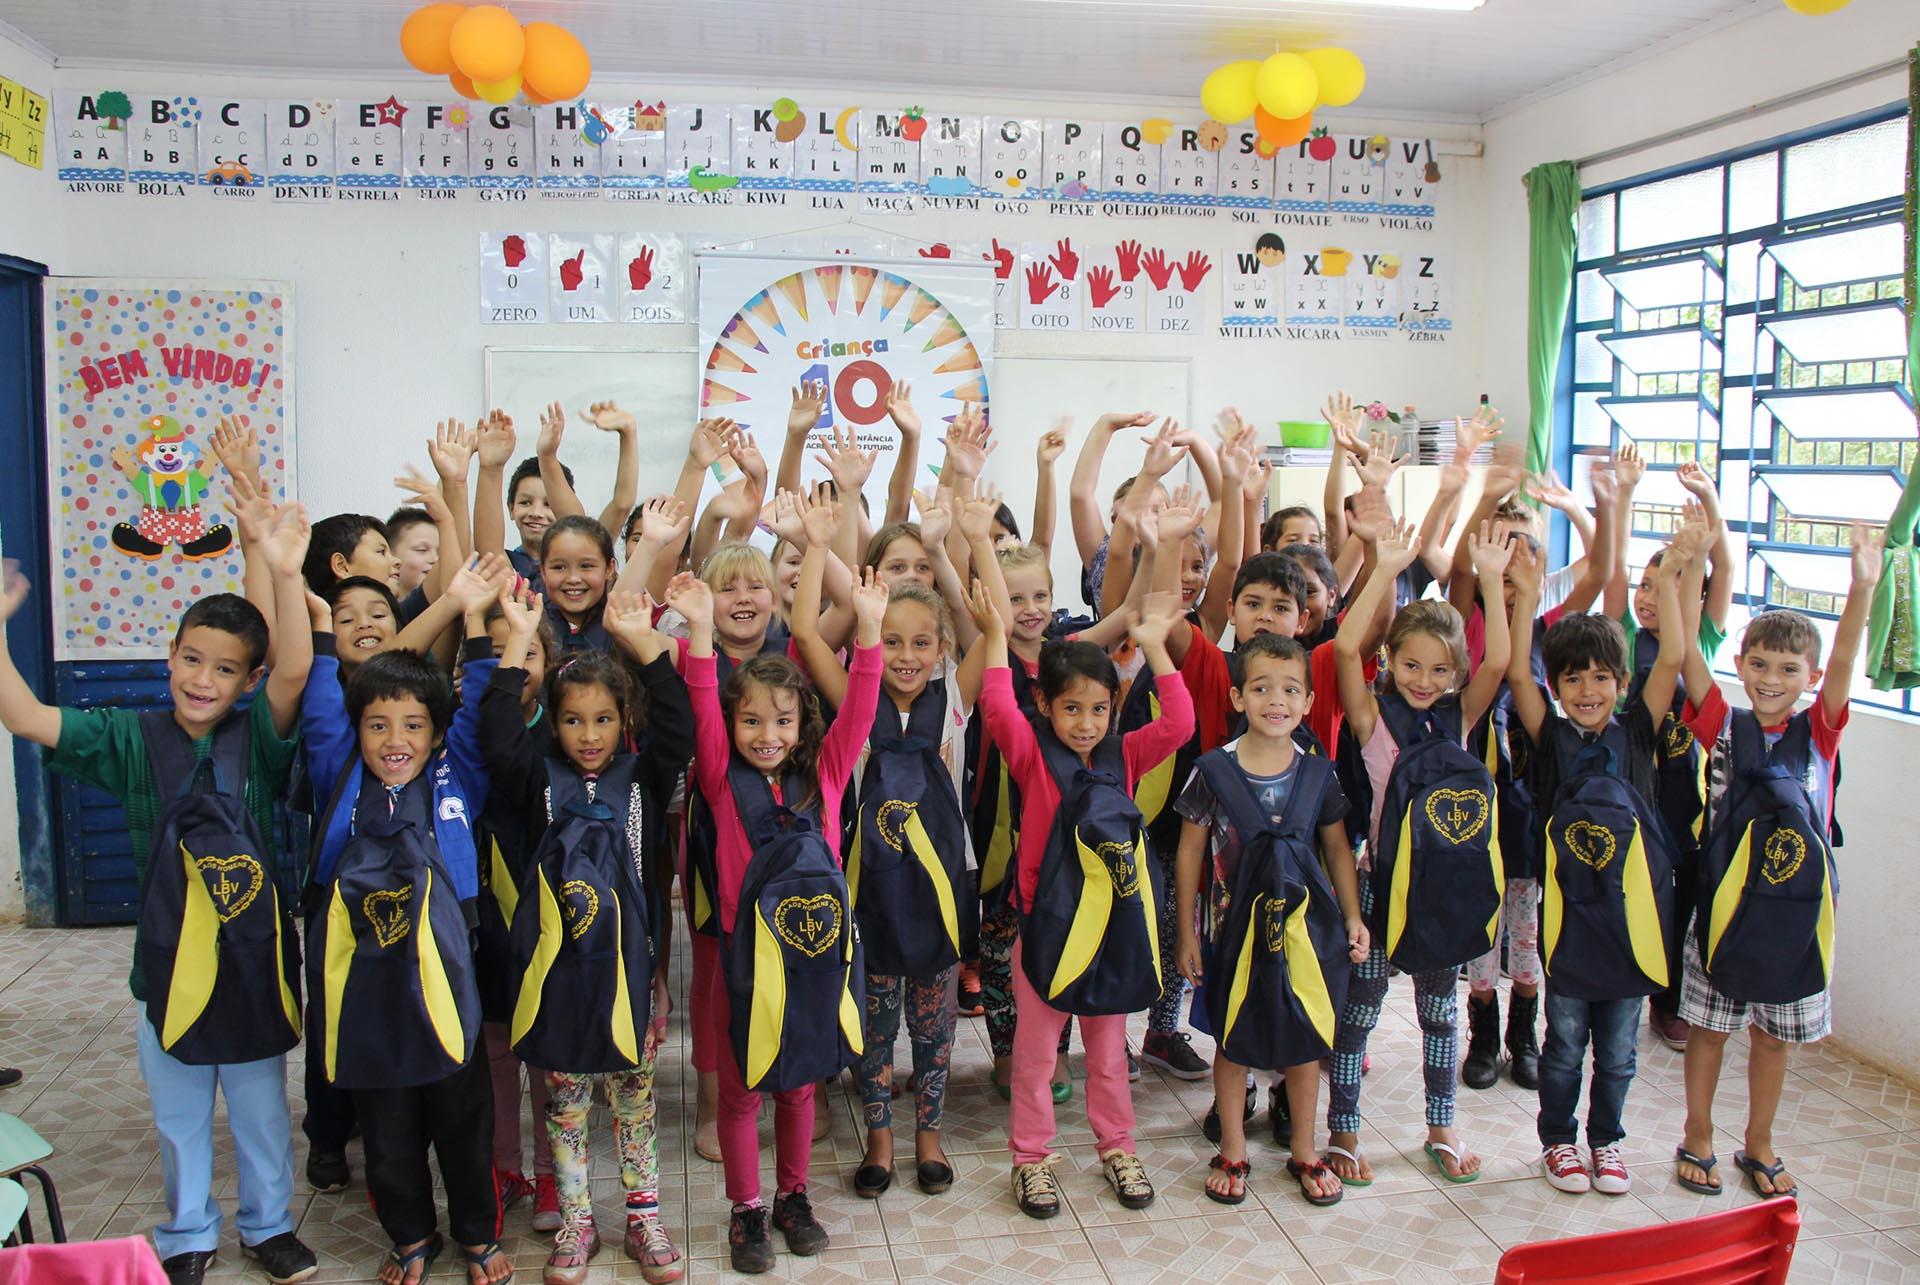 Chapecó/SC: LBV beneficia crianças que vivem emcomunidades vulneráveis com kits pedagógicos para todo o ano letivo.